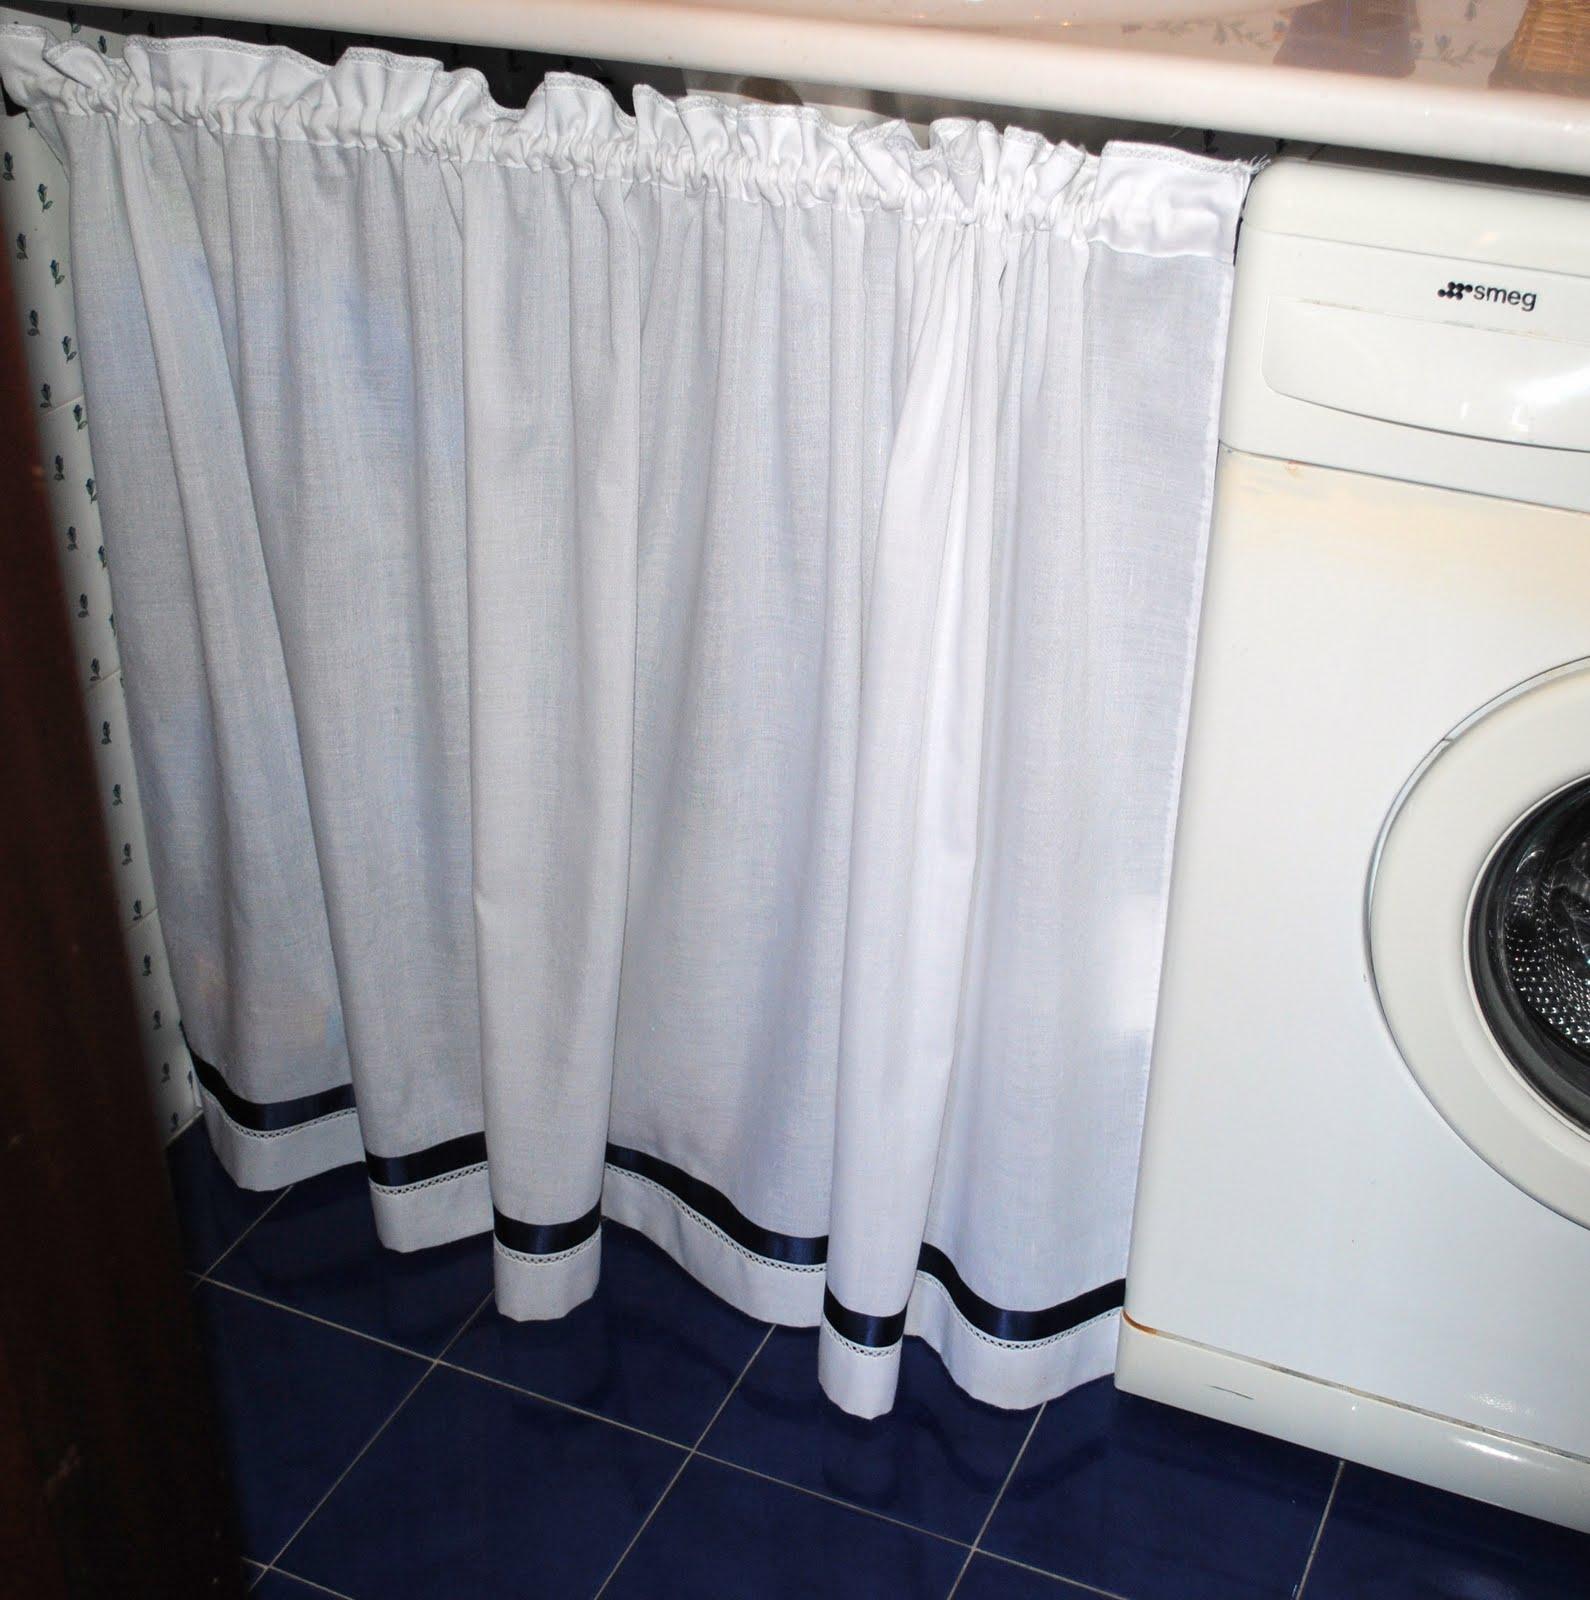 Magliamagia tendina sotto lavabo - Sottolavello bagno ...